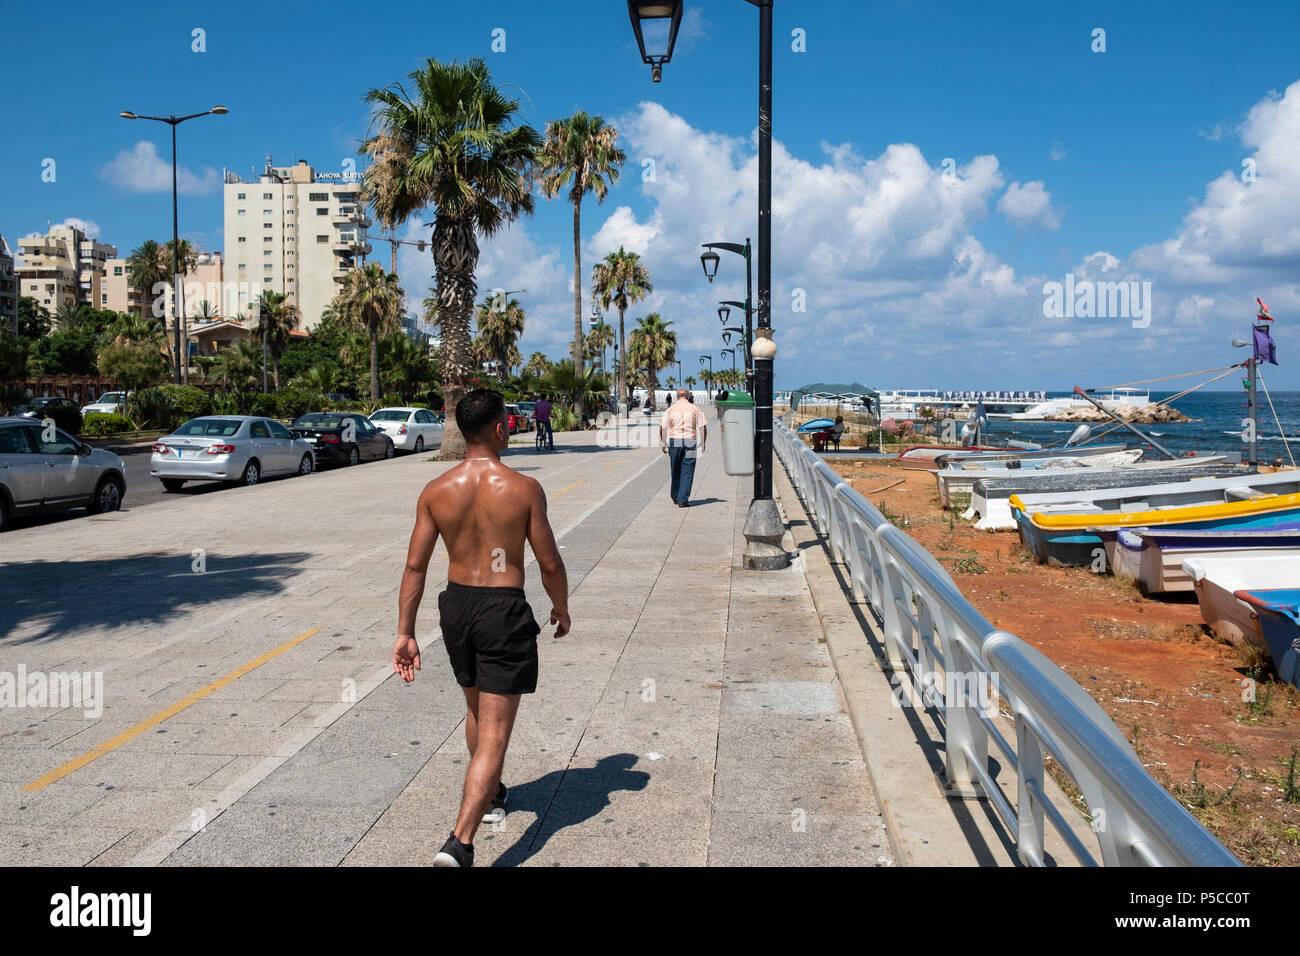 Vista lungo la Corniche a Beirut, in Libano. Immagini Stock